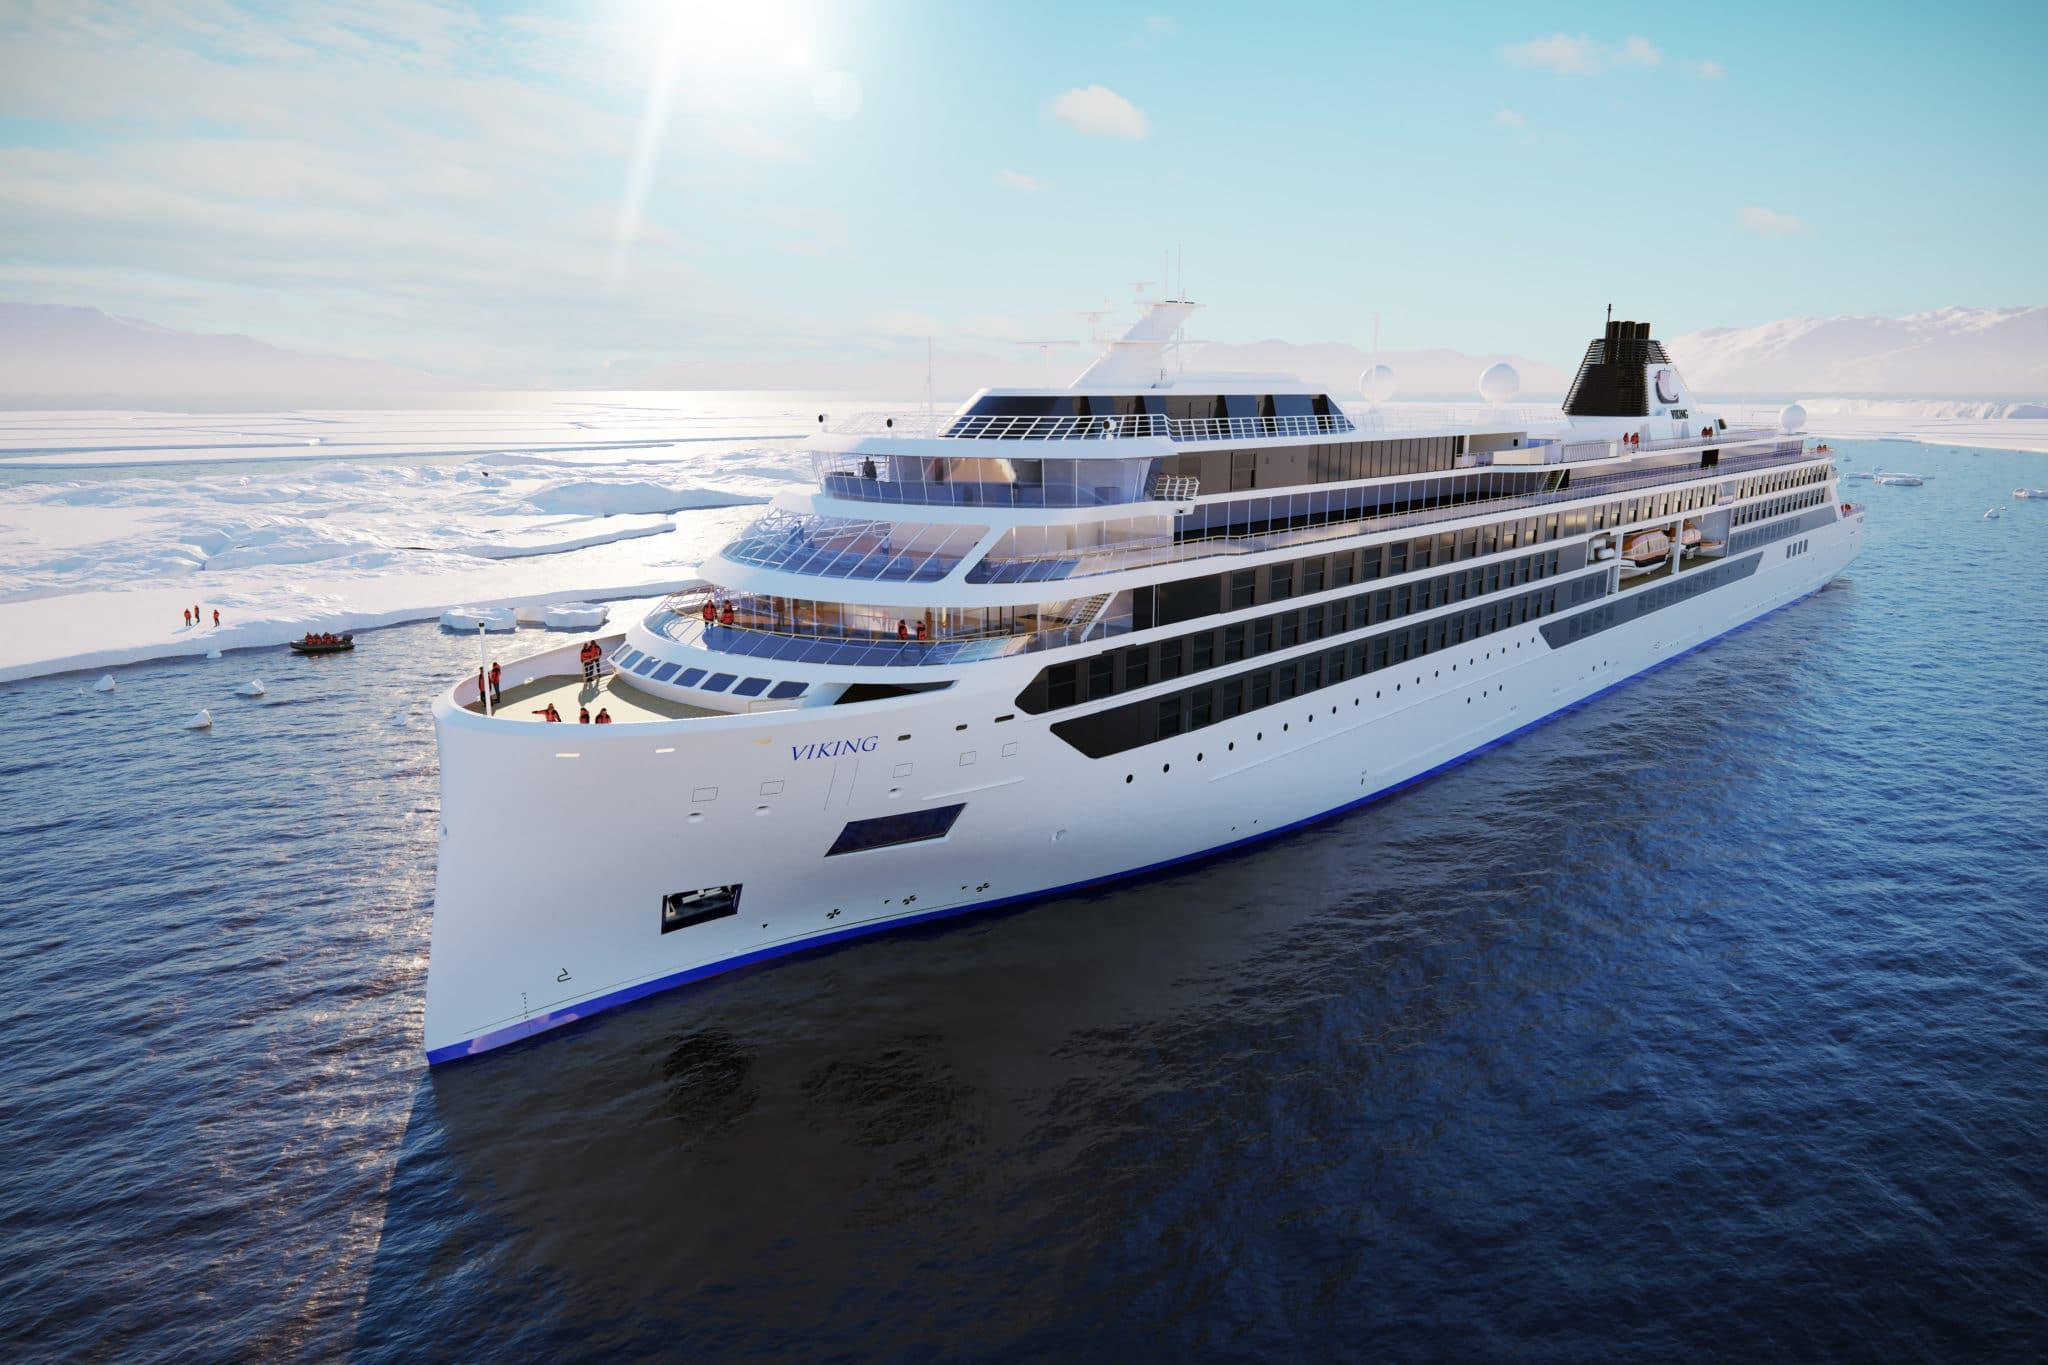 Premier aperçu des incroyables nouveaux navires de croisière d'expédition de Viking Star